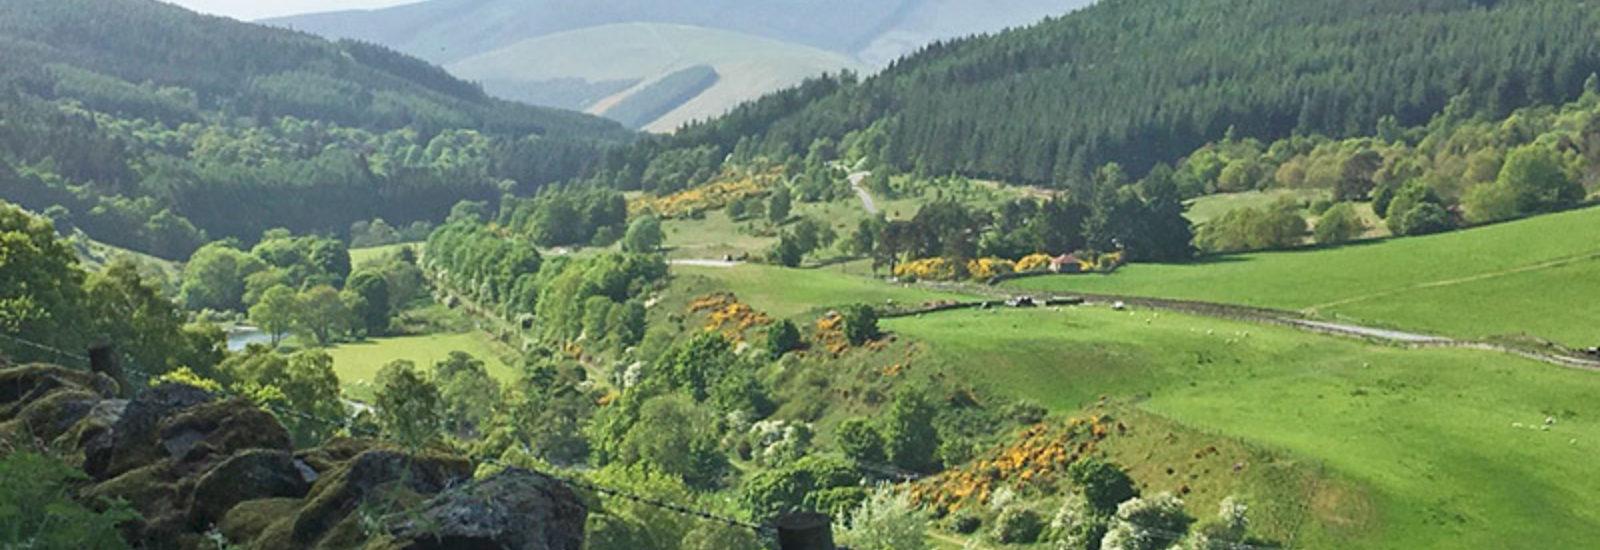 The Upper Tweed Valley